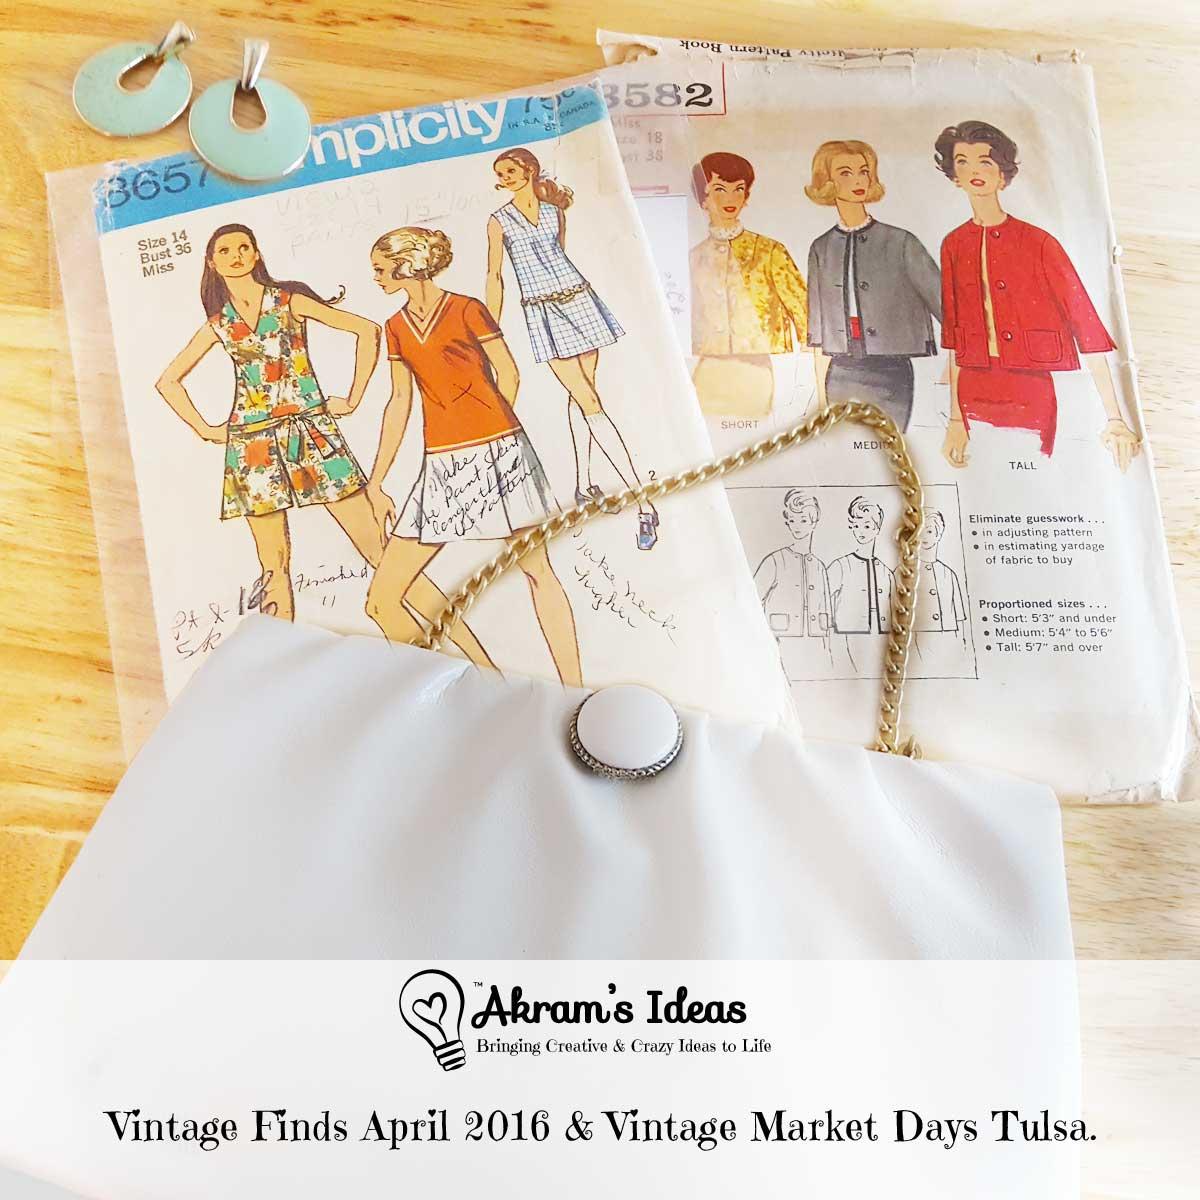 Vintage Finds April 2016 & Vintage Market Days Tulsa